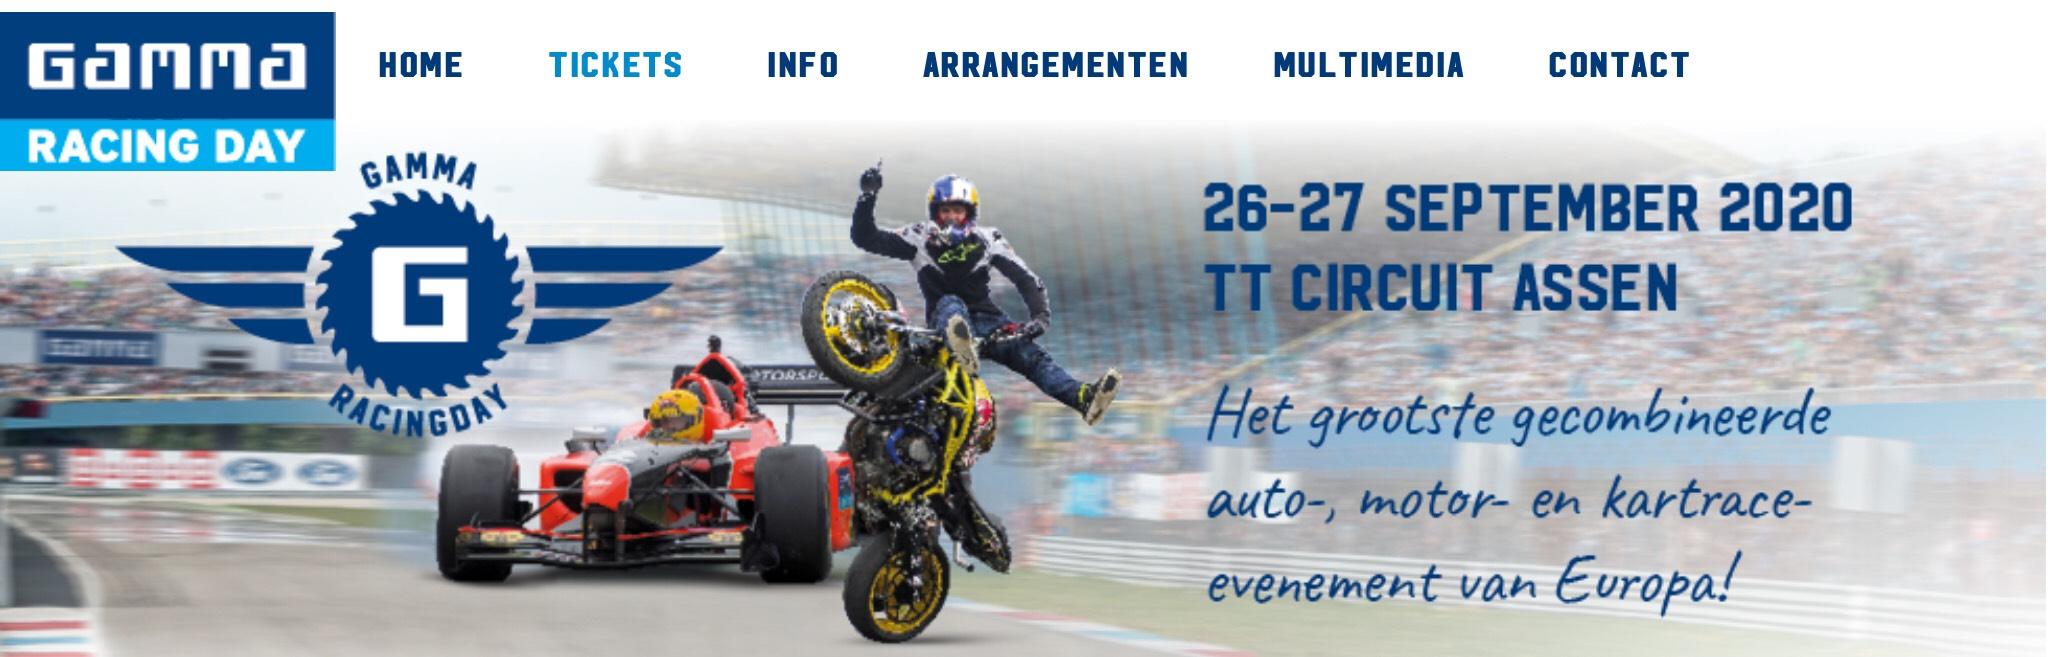 Toegang Gamma Racing Day t.w.v. € 12,- voor € 1,-